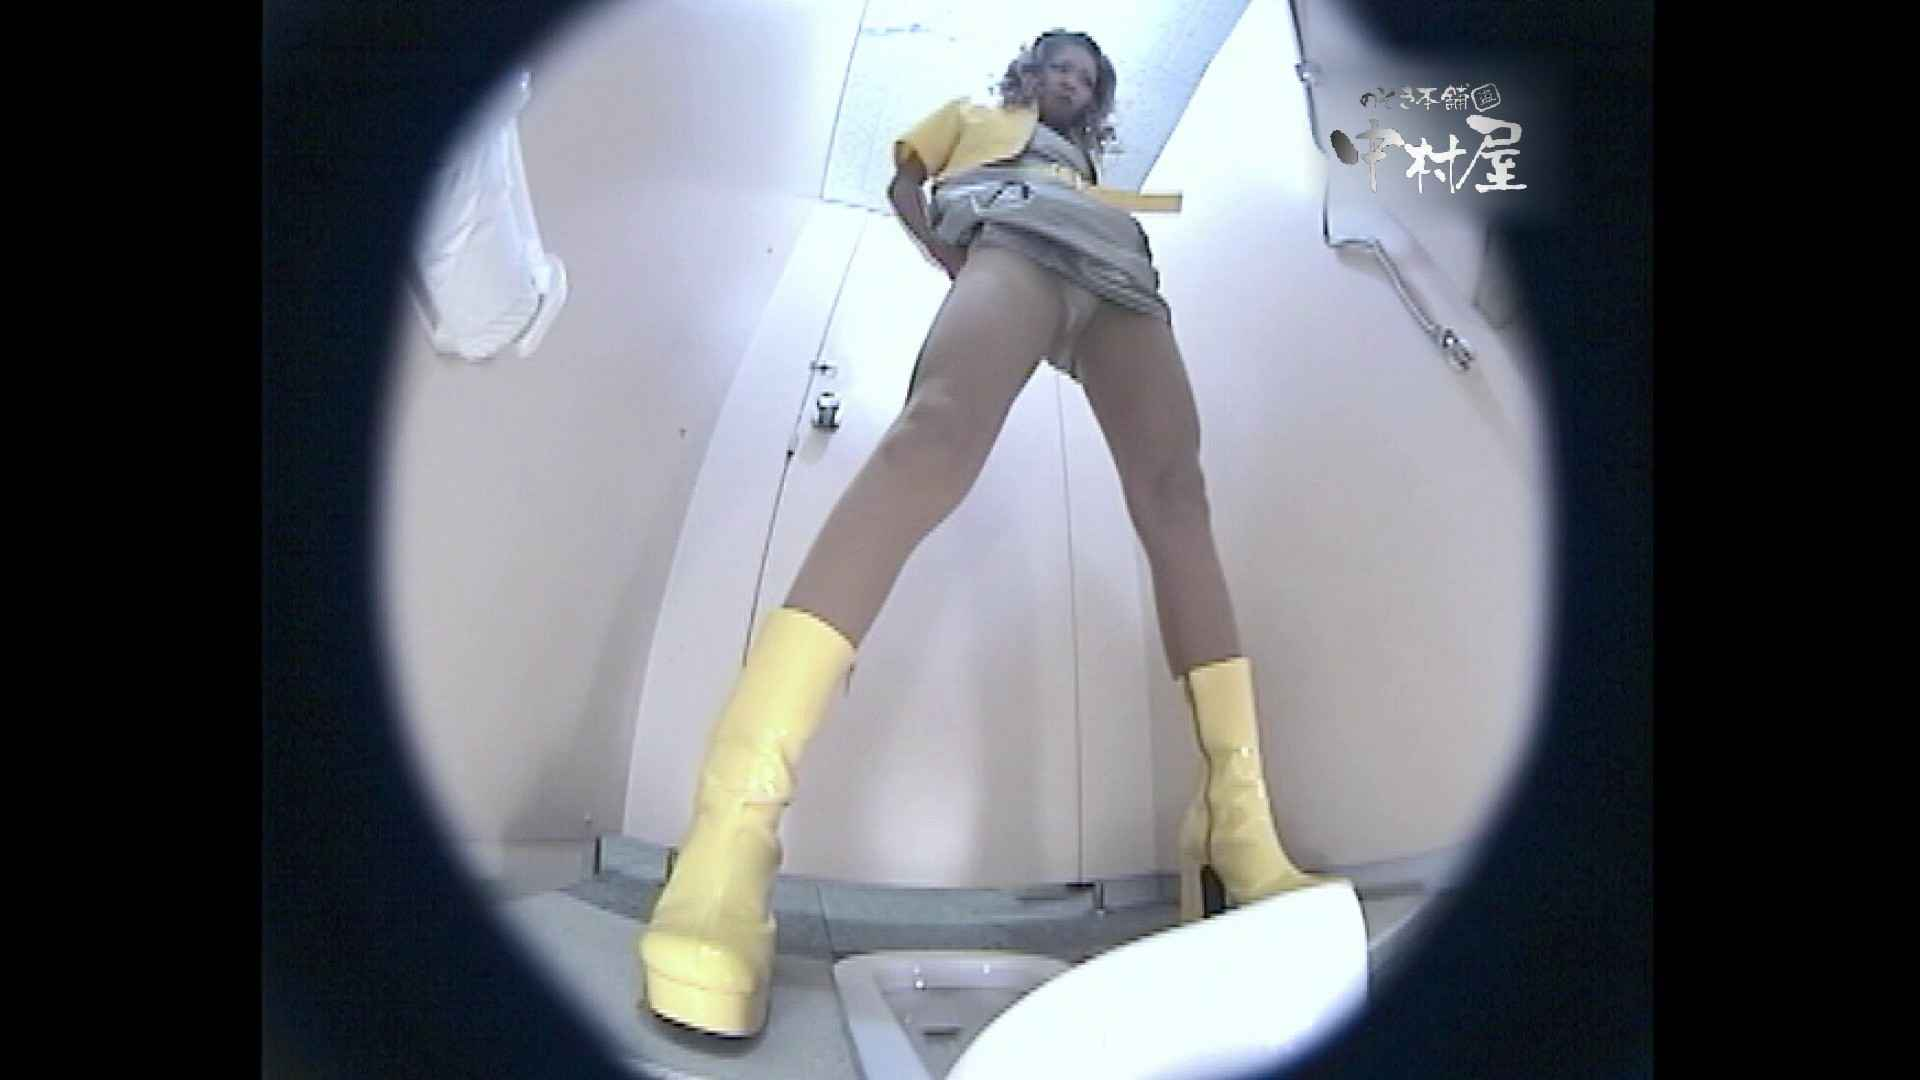 レースクィーントイレ盗撮!Vol.17 肛門 盗み撮りオマンコ動画キャプチャ 30PICs 7